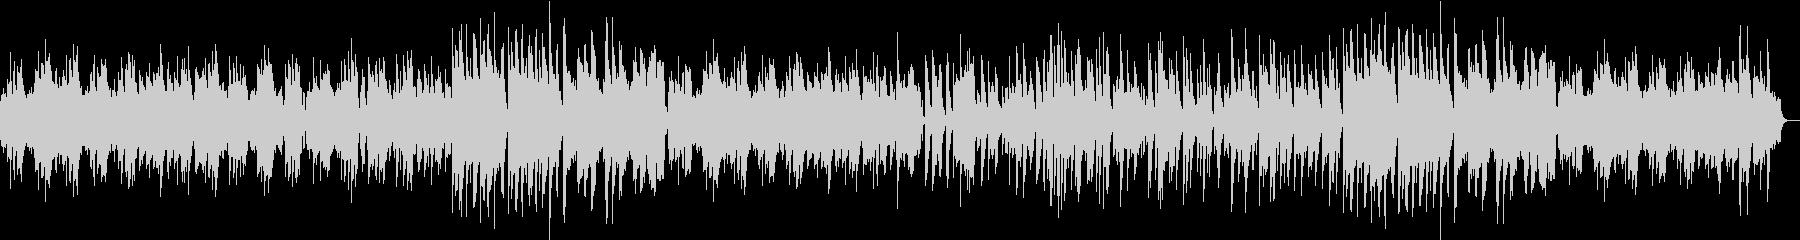 フルートほのぼのボサノバの未再生の波形